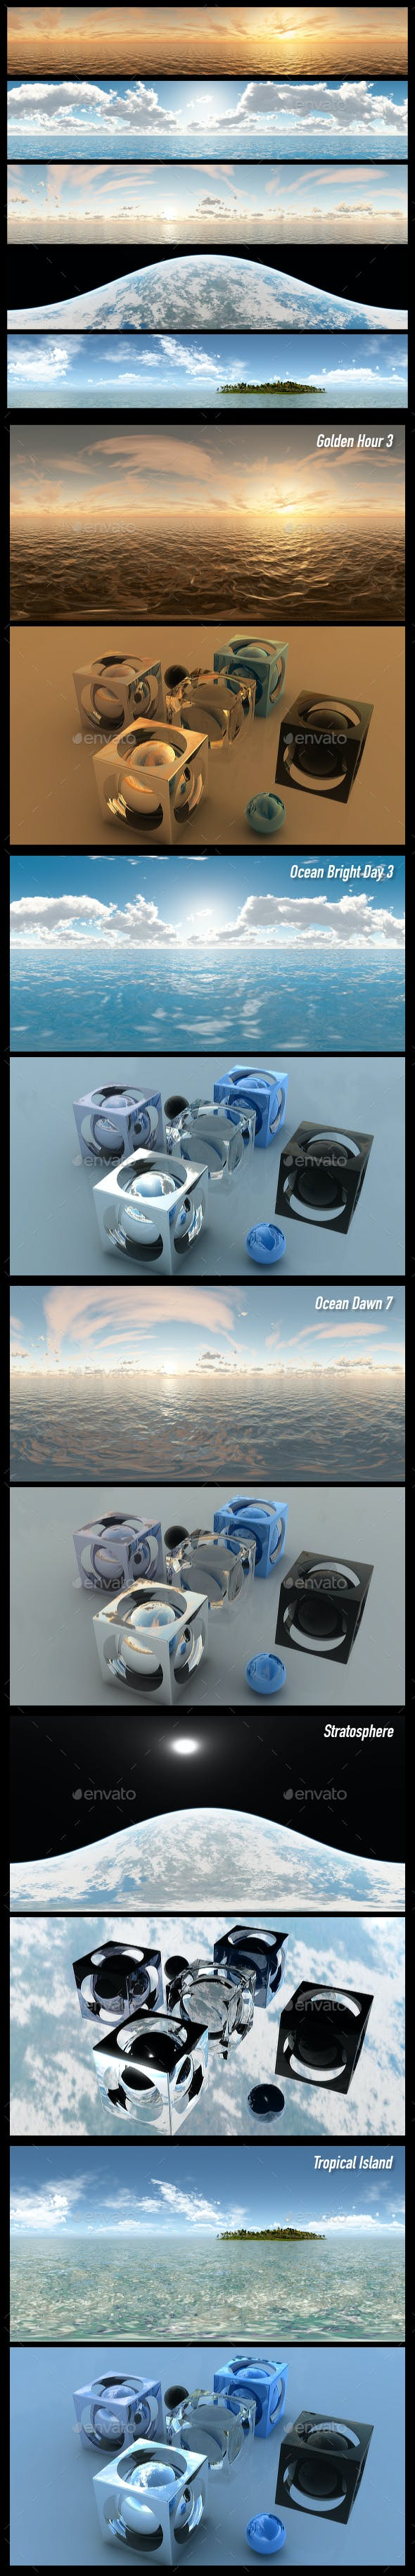 HDRI Pack 8 - 3DOcean Item for Sale